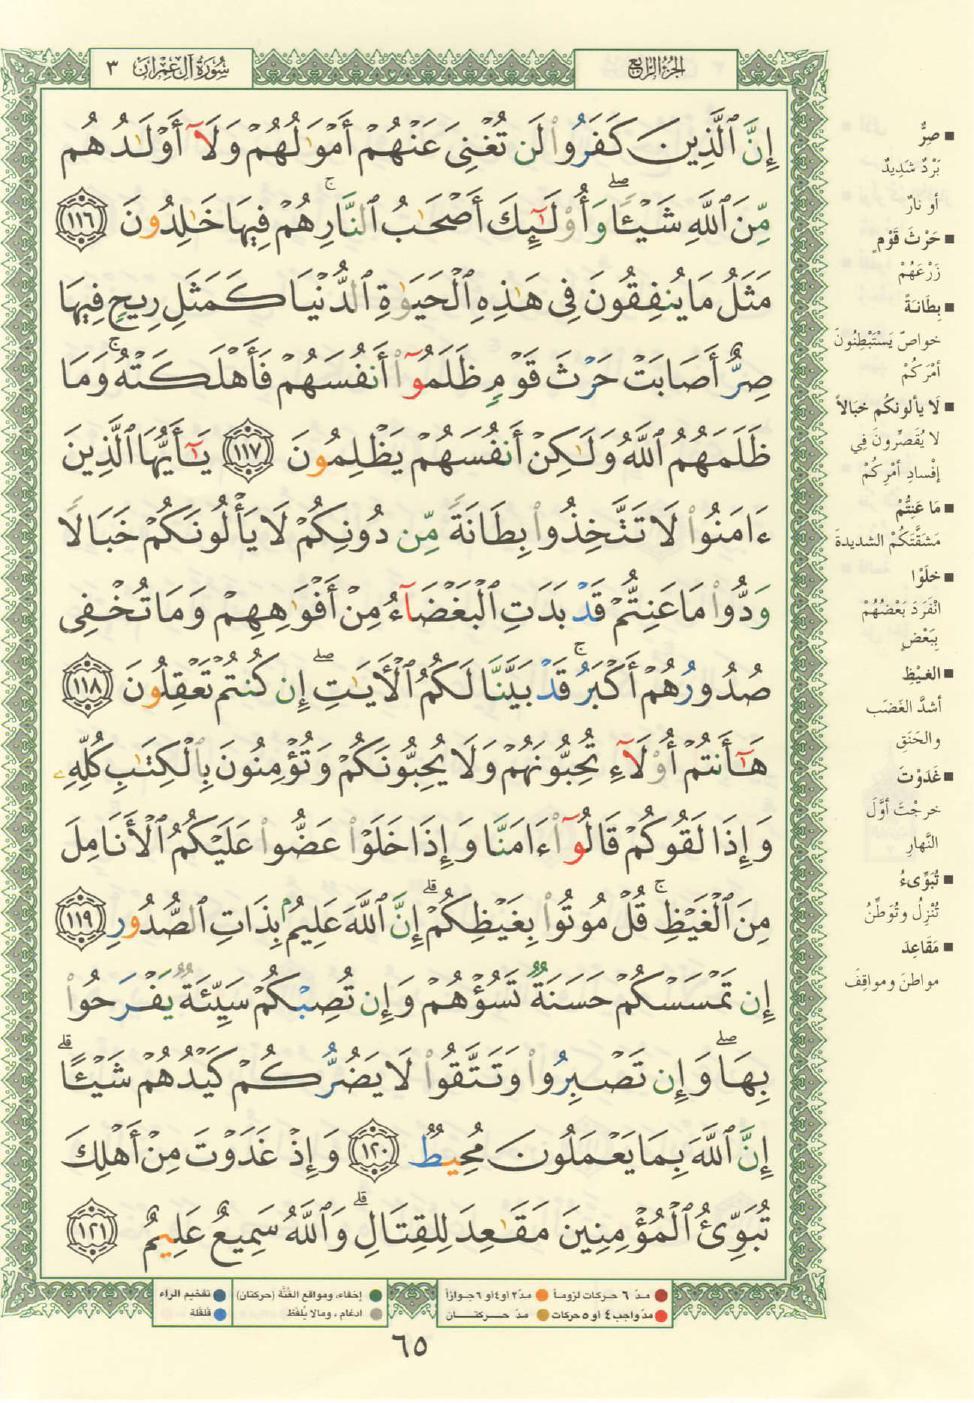 3. سورة آل عمران - Al-Imran مصورة من المصحف الشريف Quran_tajwid_000074